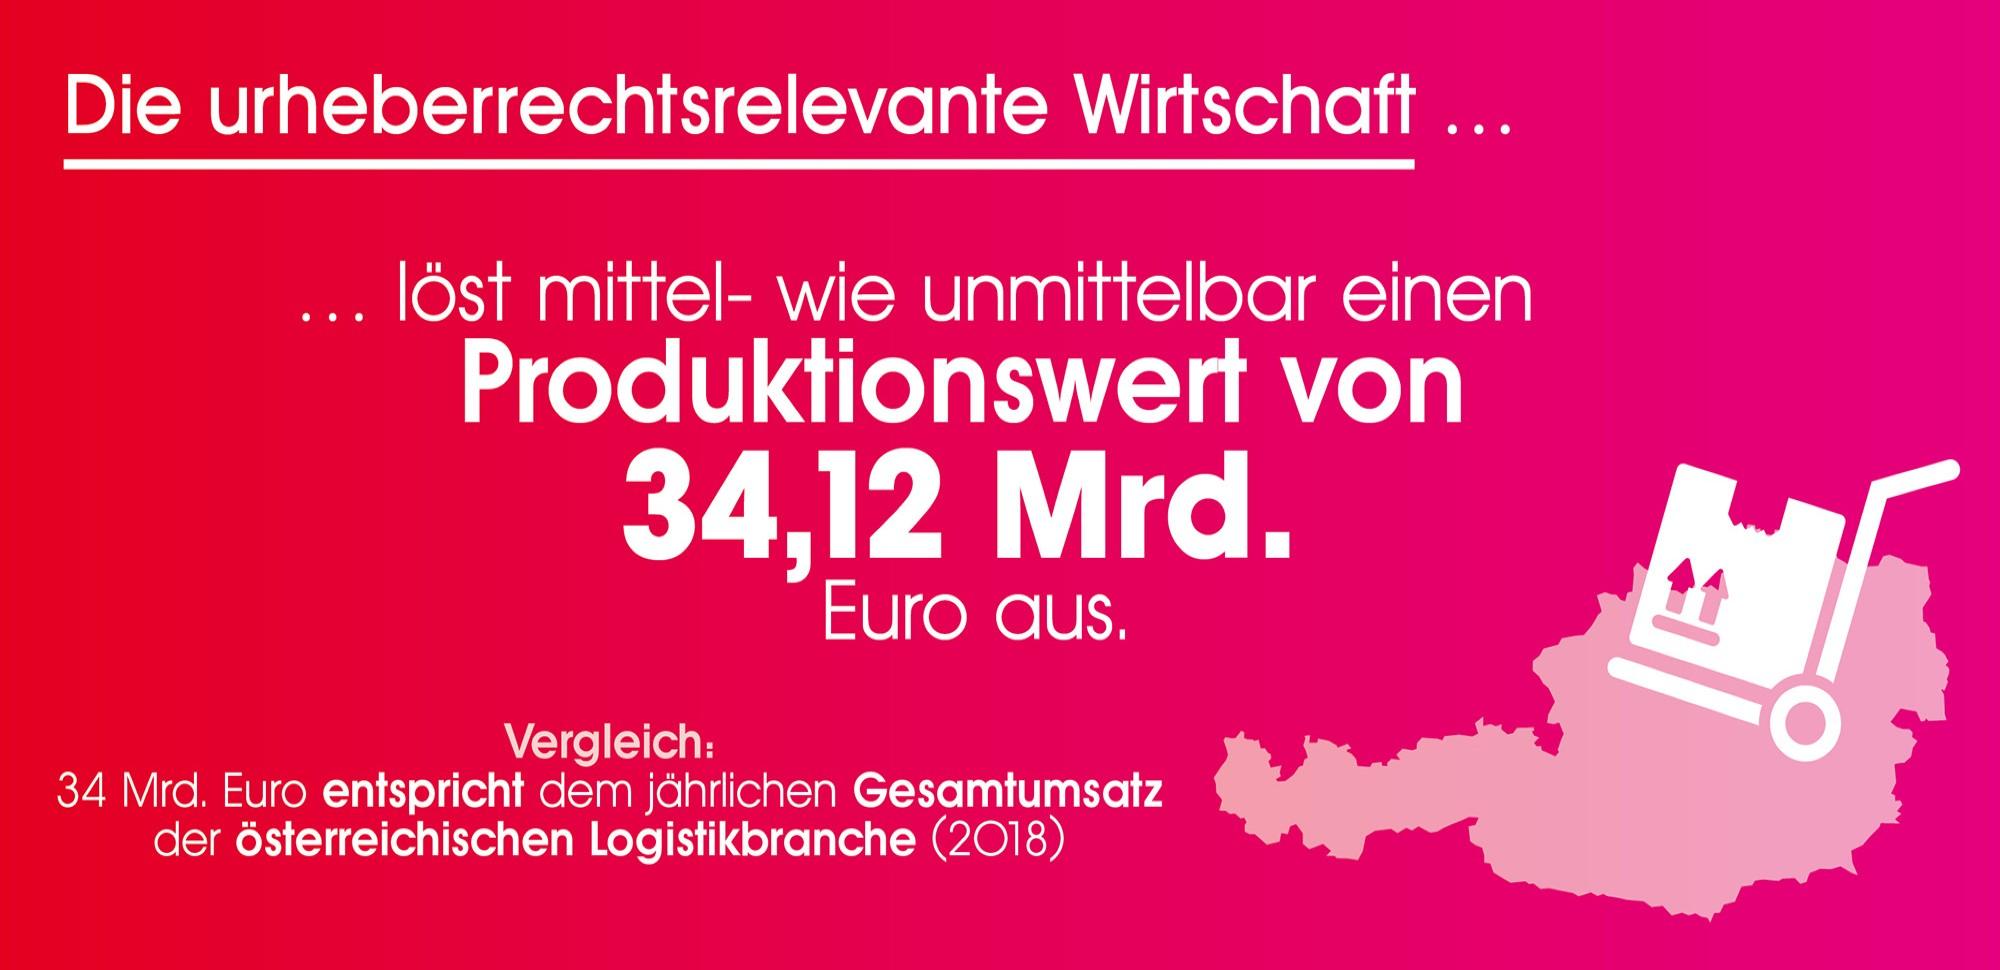 Die urheberrechtsrelevante Wirtschaft löst mittel- wie unmittelbar einen Produktionswert von 34,12 Mrd. Euro aus